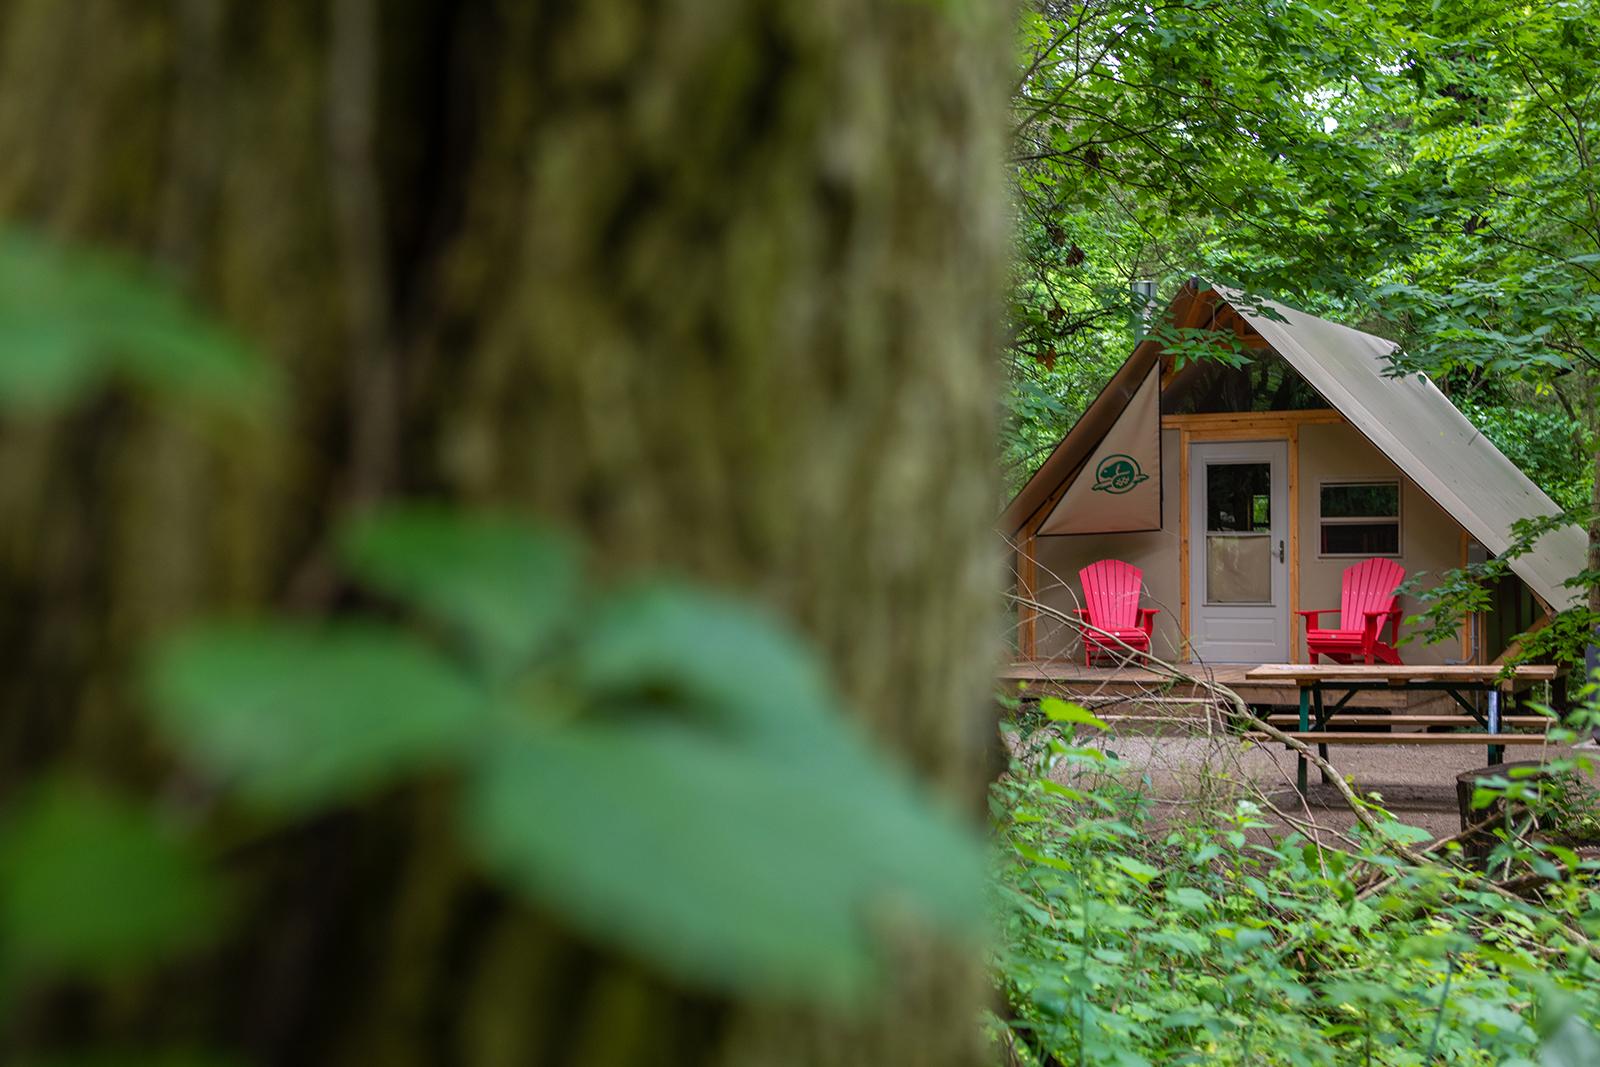 An oTENTik accommodation